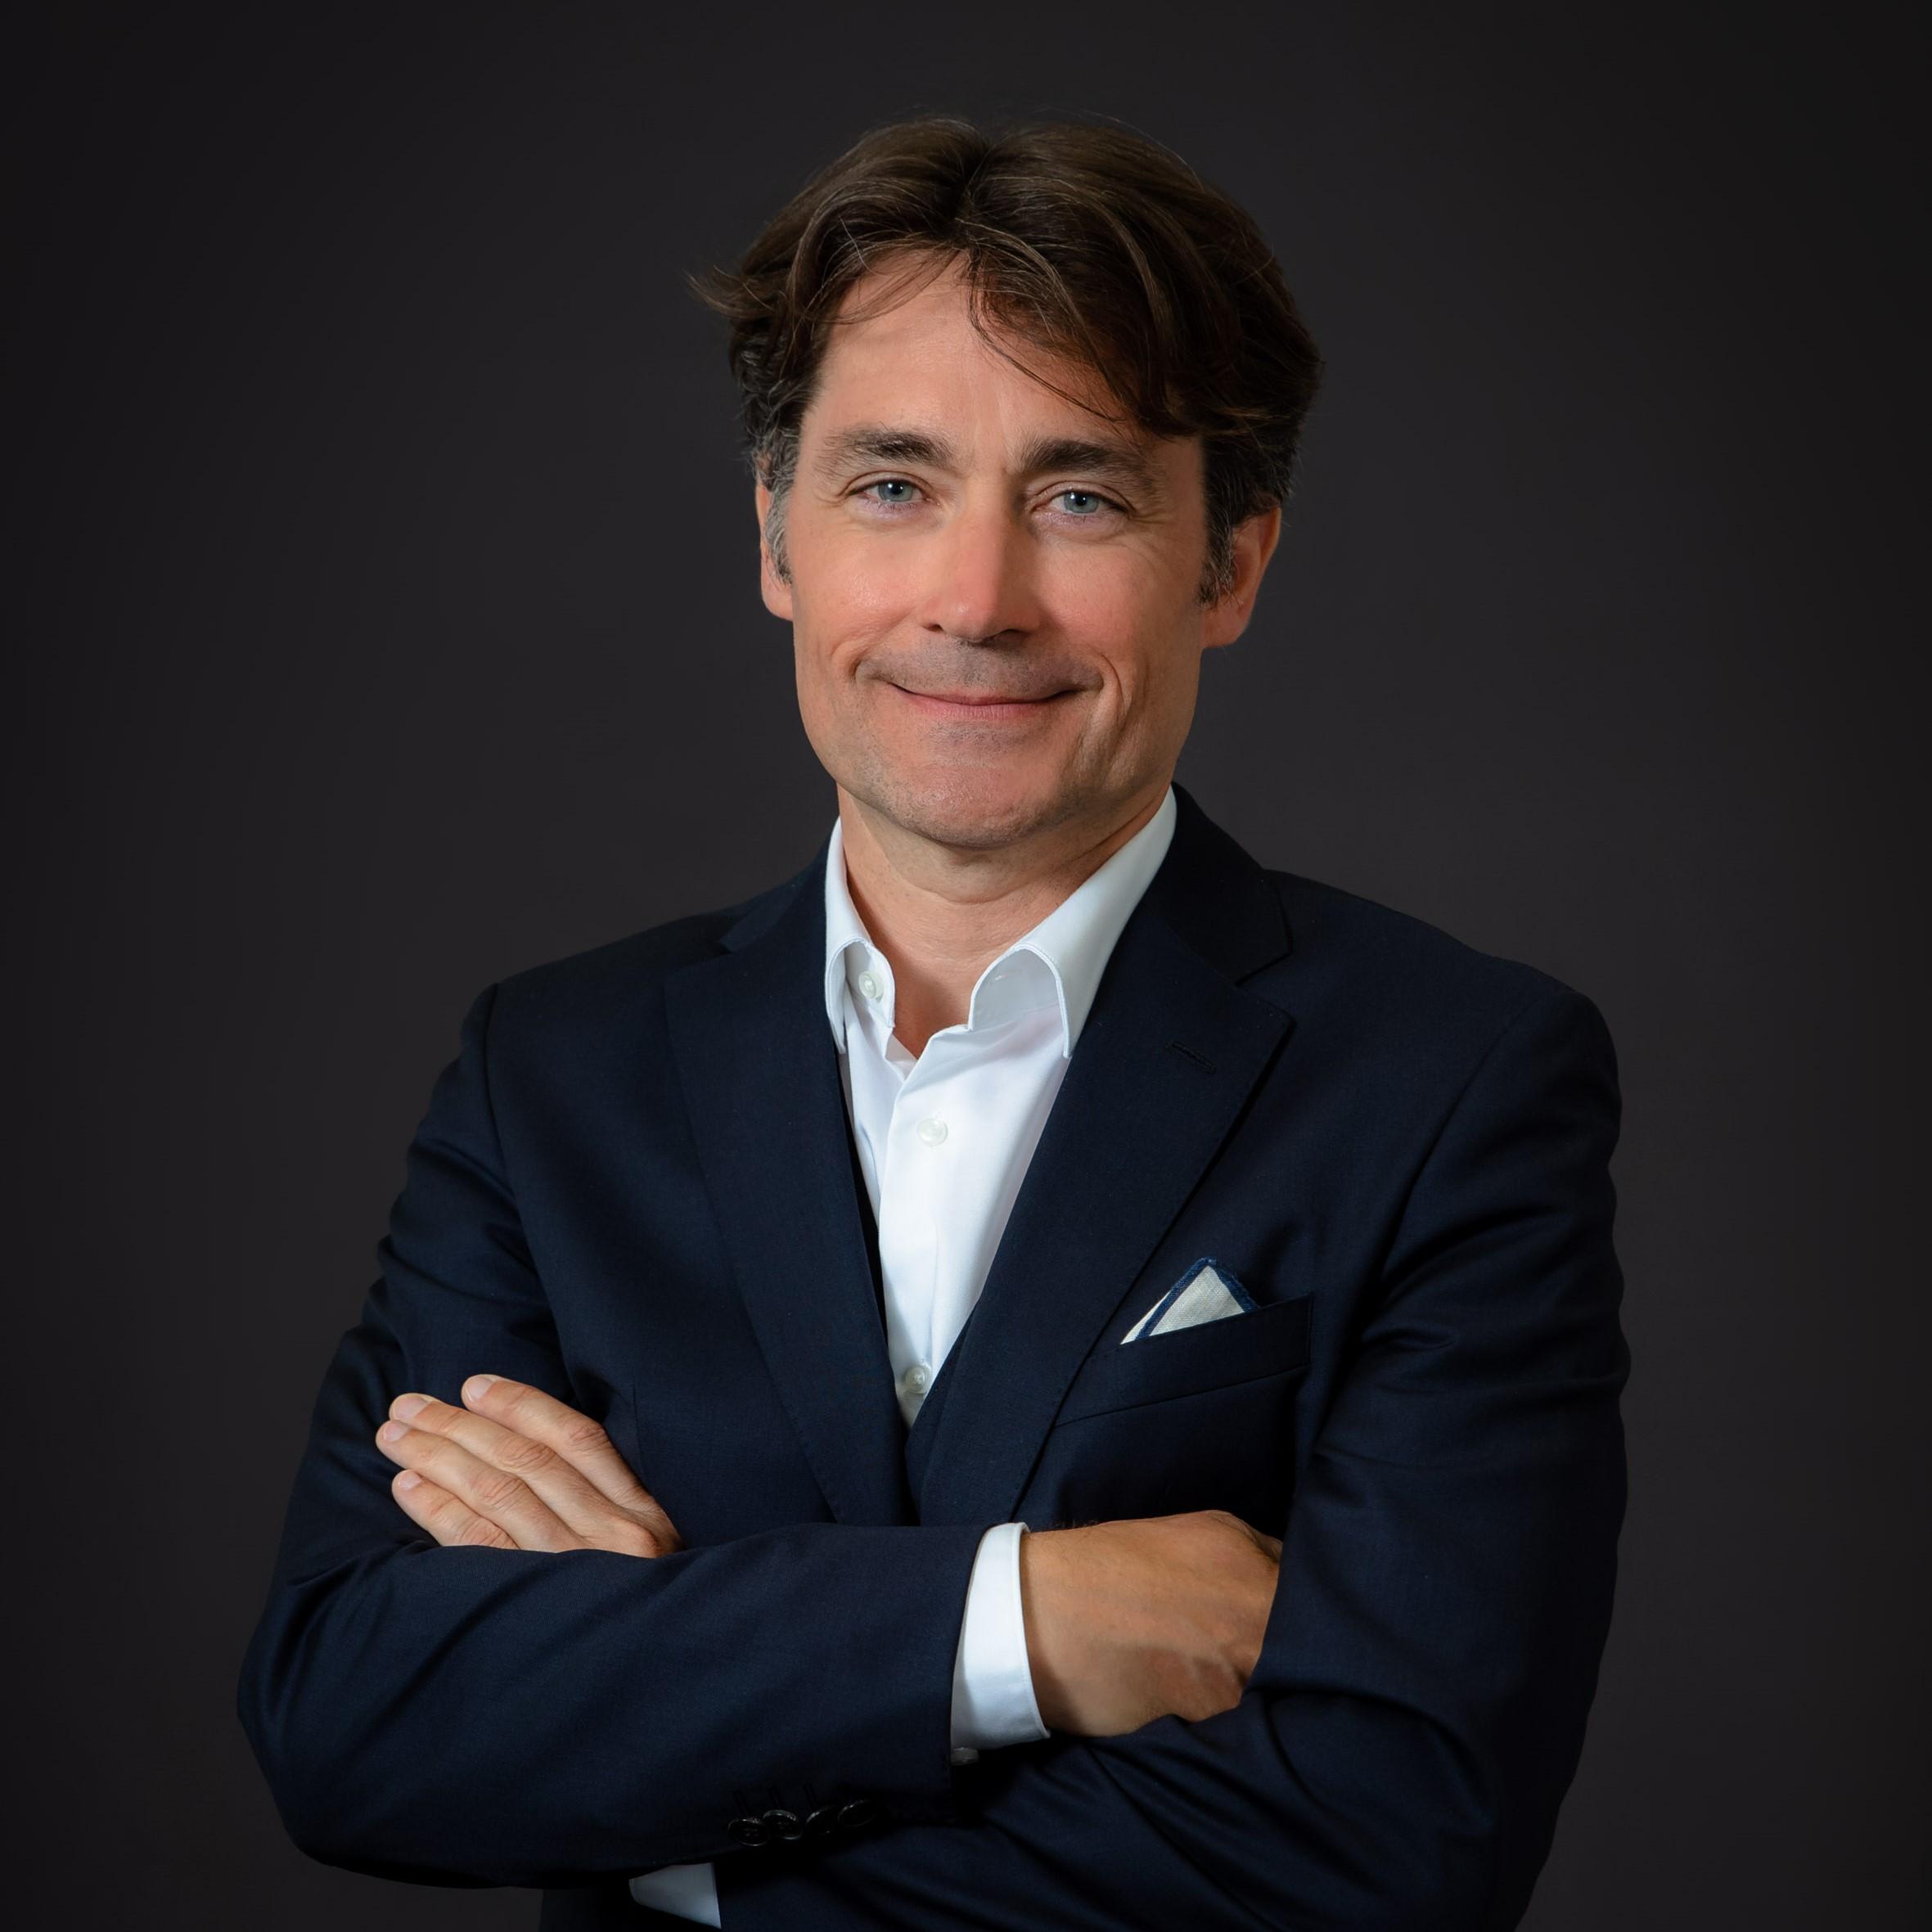 Stéphane TOULLALAN